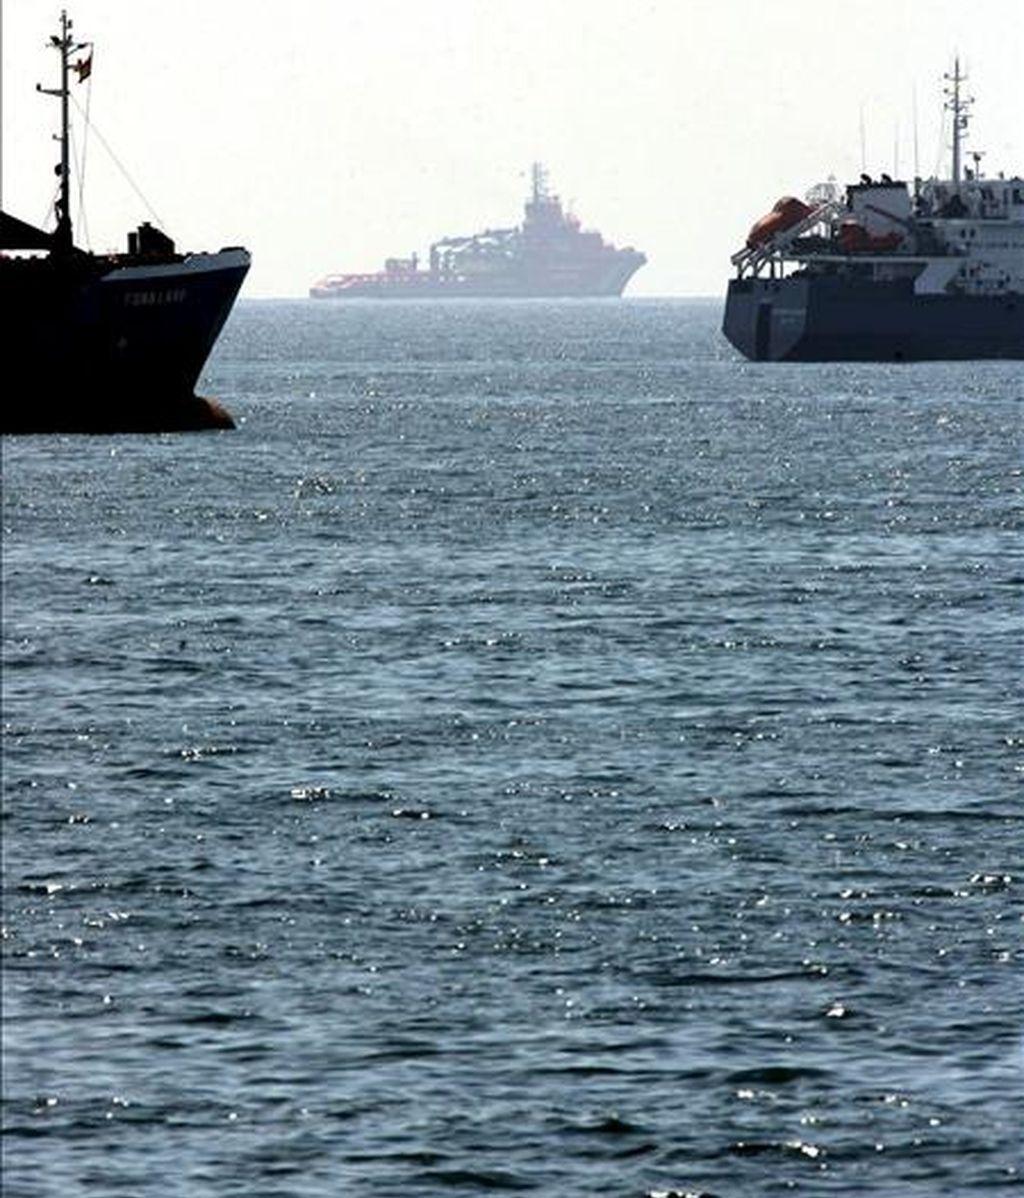 Uno de los remolcadores que participan en las tareas de limpieza de la mancha de crudo que se detectó ayer frente a la costa de Tarragona, en la zona de la mancha ante dos buques fondeados frente al puerto. EFE